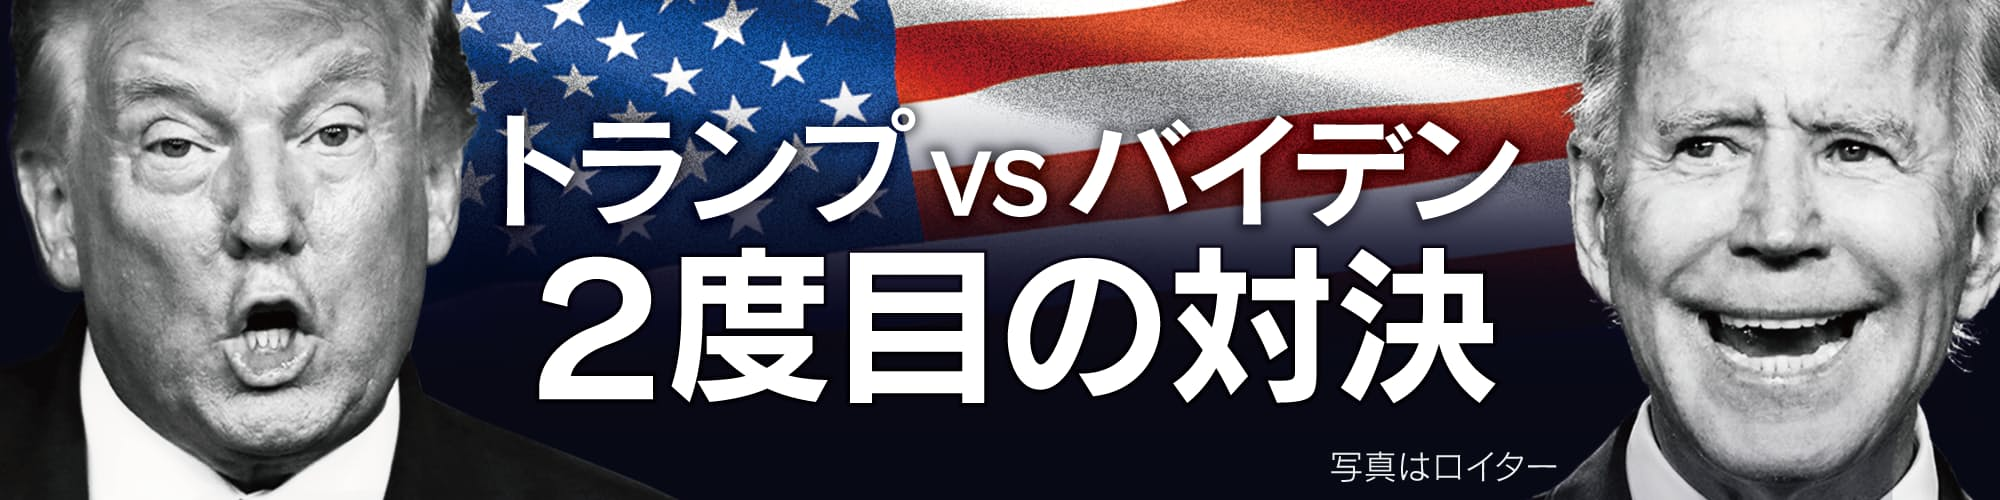 米大統領選討論会ドキュメント